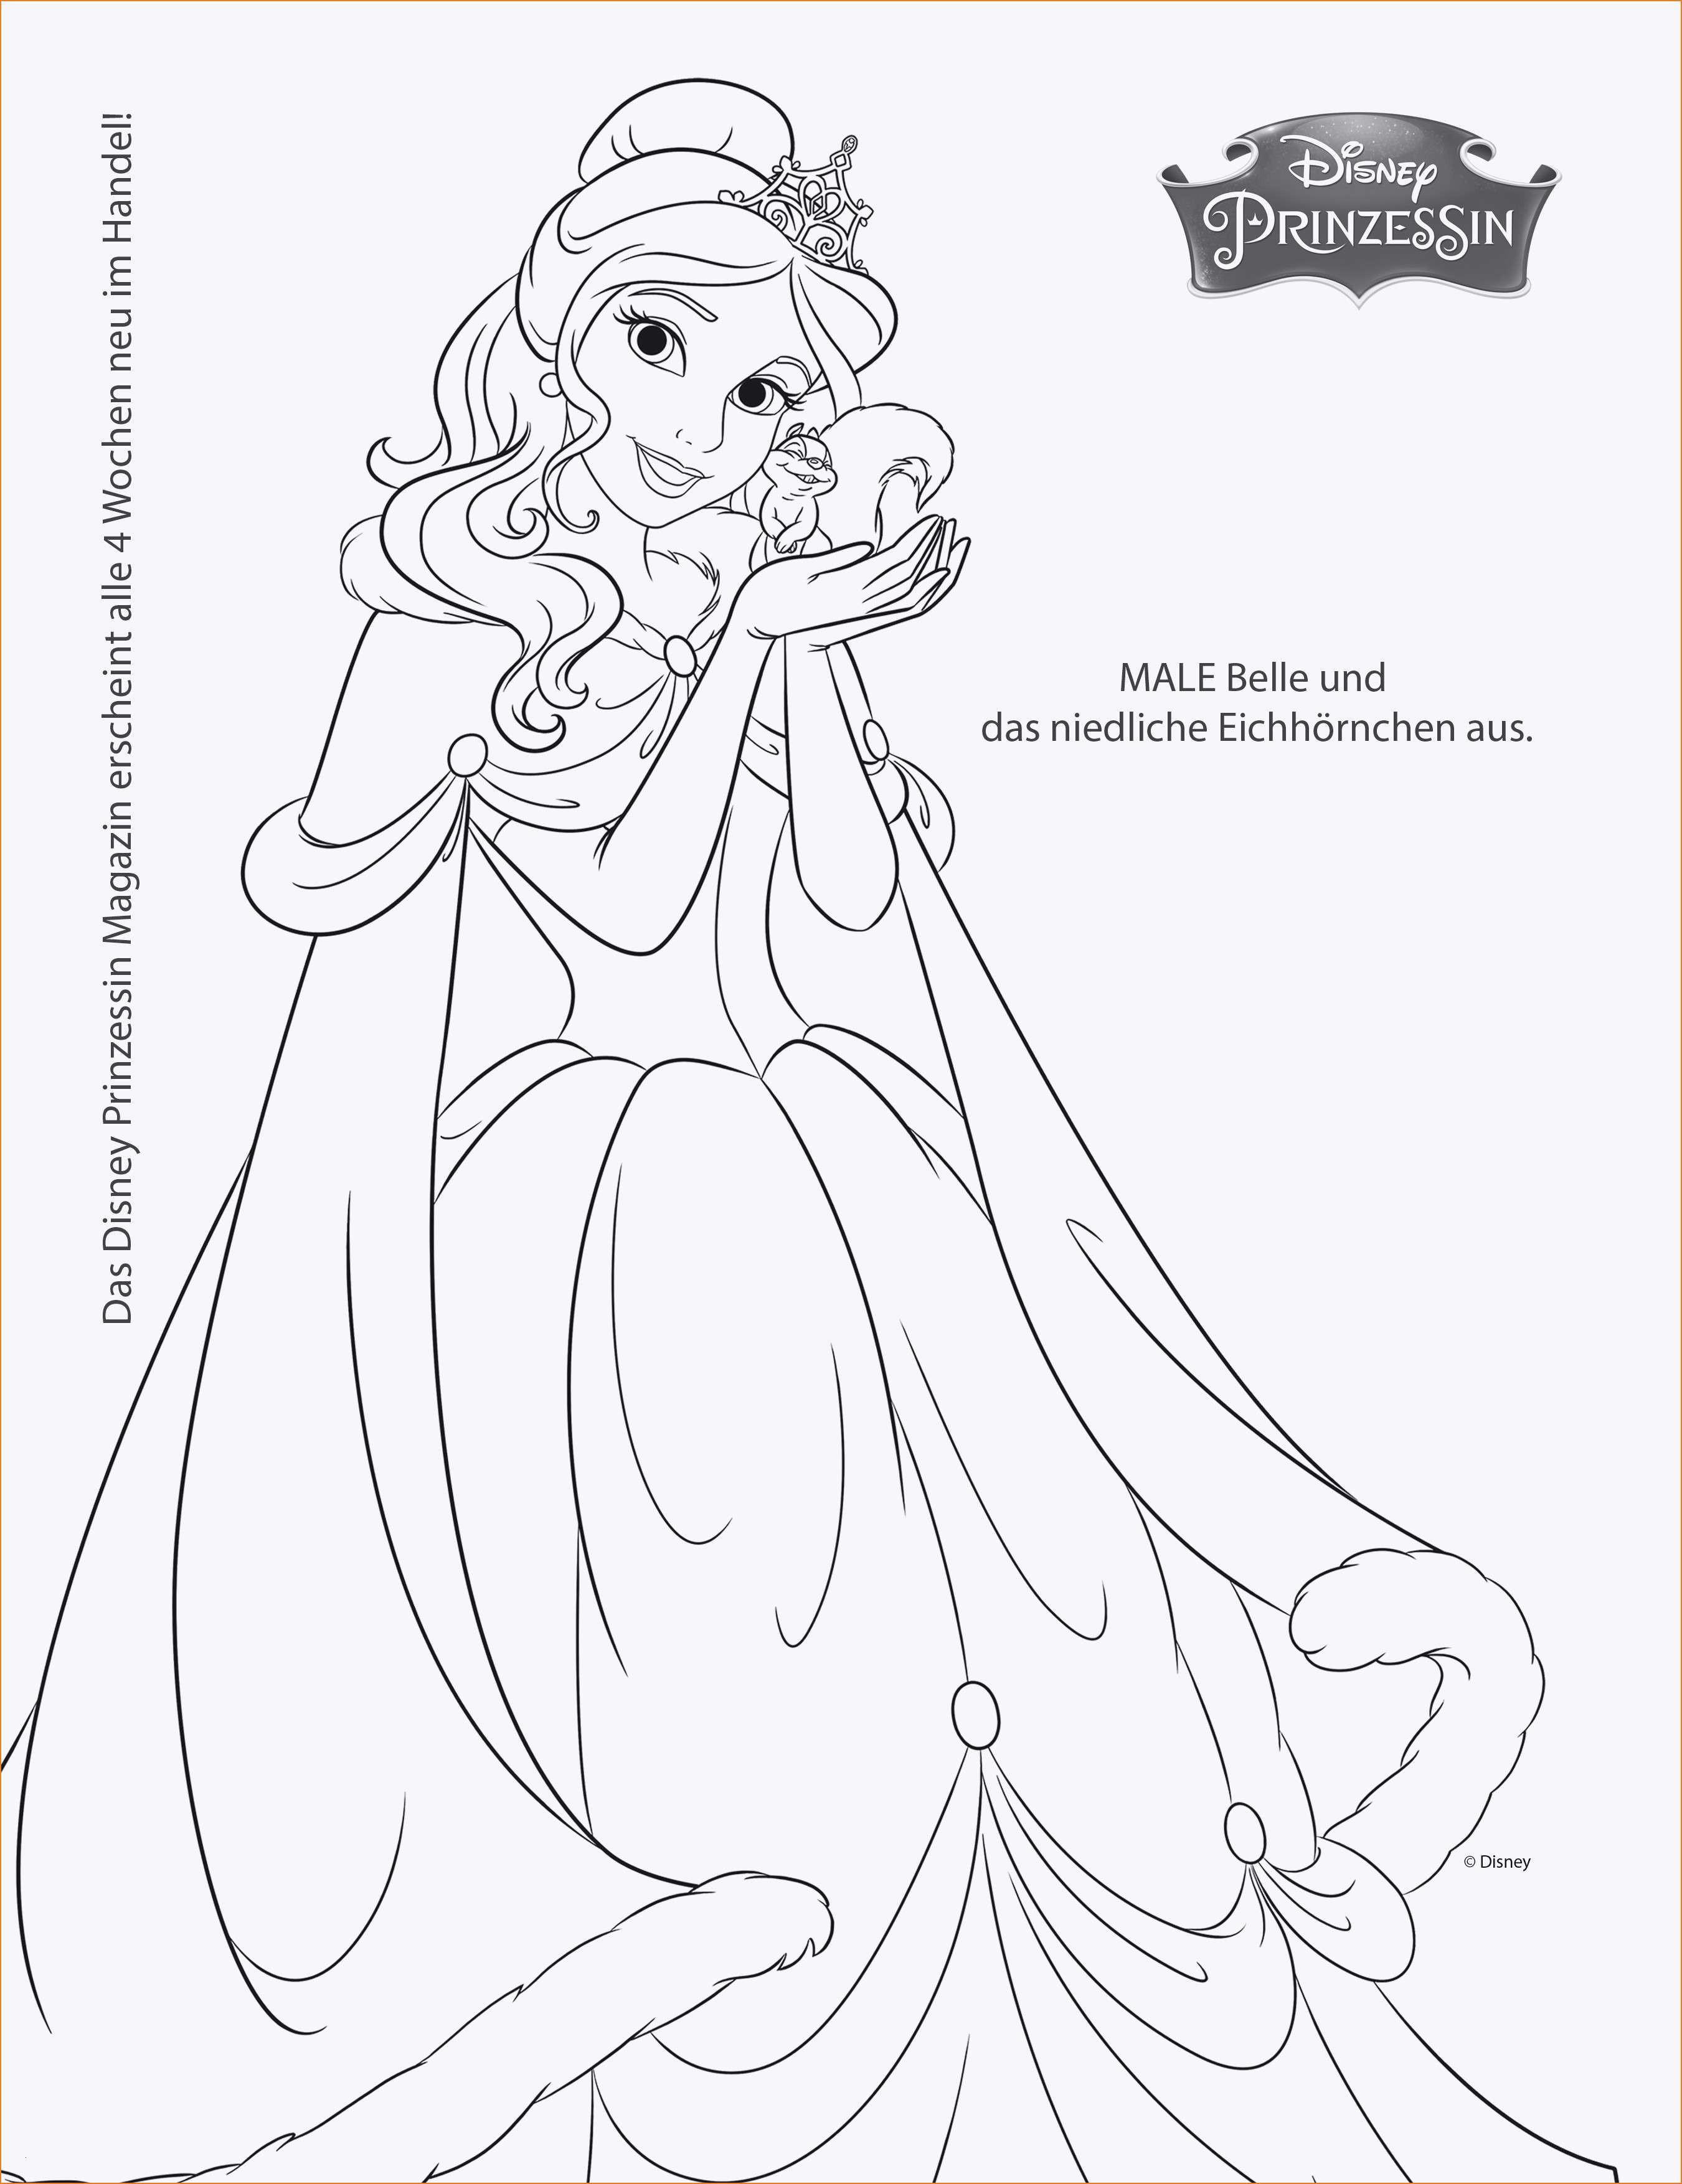 Disney Bilder Zum Ausmalen Einzigartig 35 Ausmalbilder Disney Prinzessinnen forstergallery Bilder